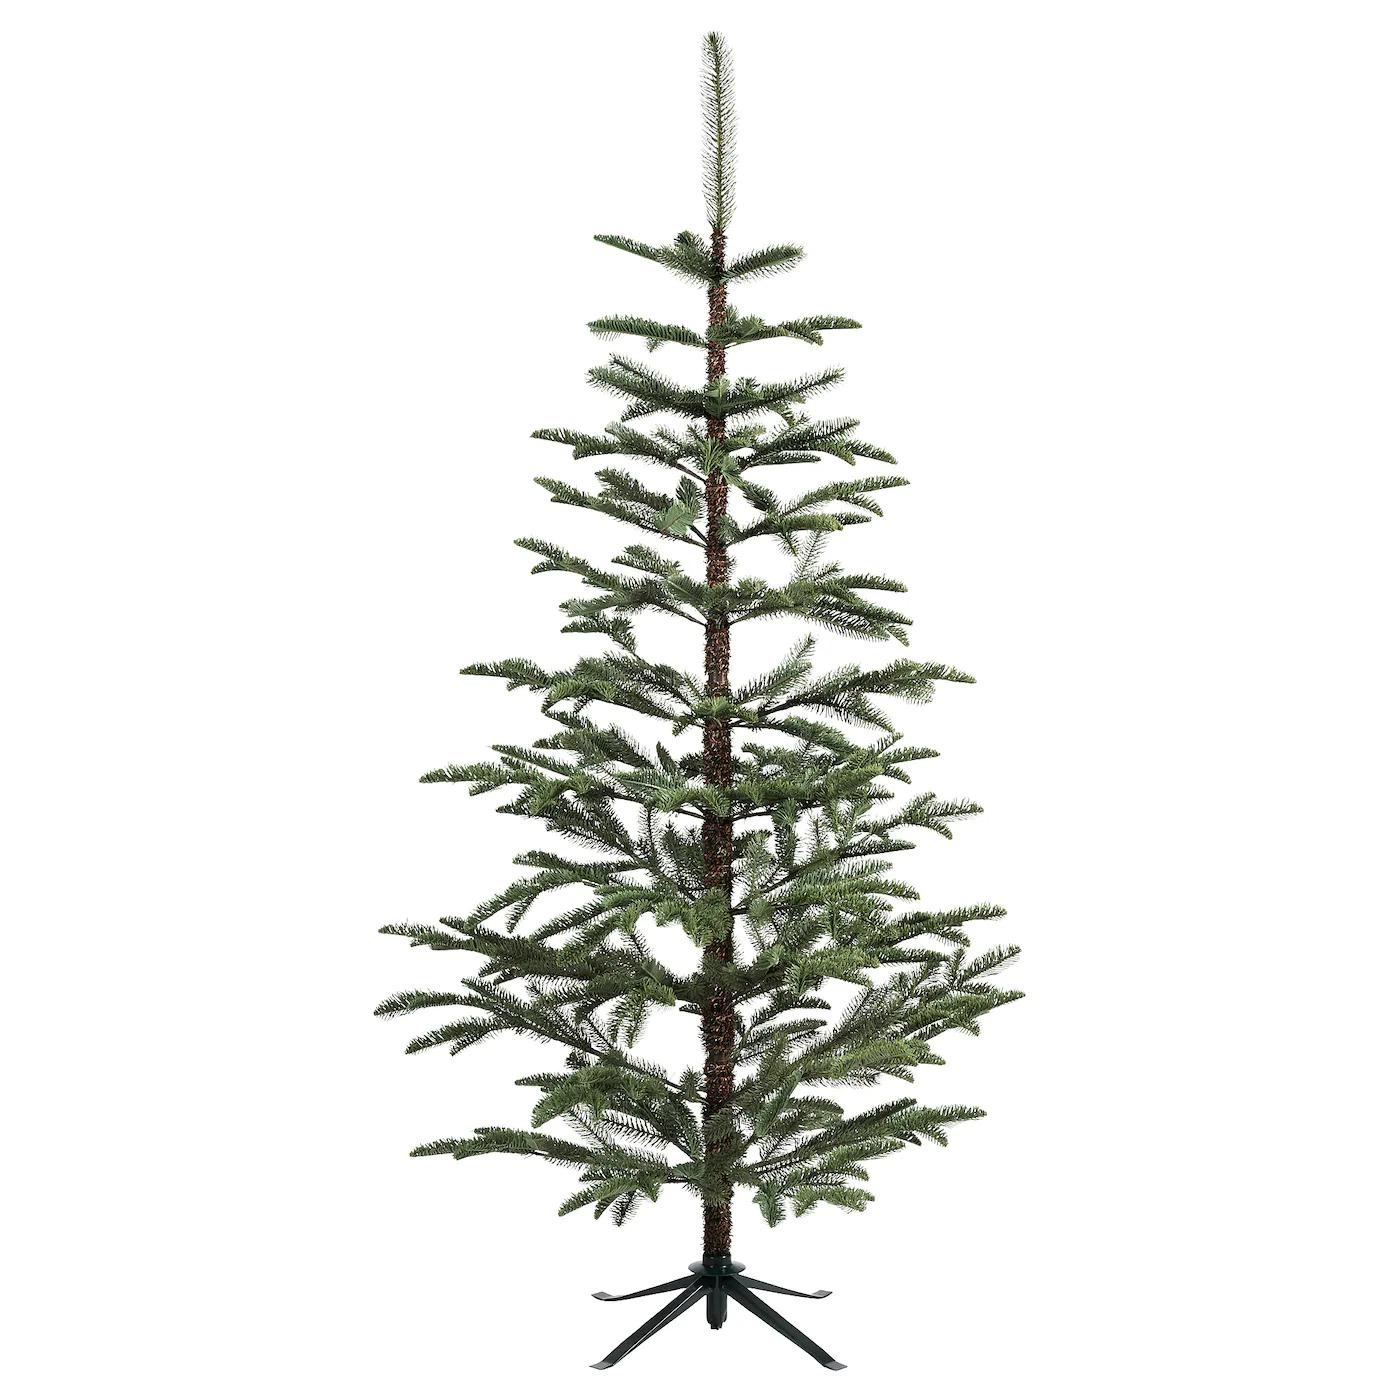 VINTER 2020 Planta artificial, int/ext/árbol de navidad verde175 cm